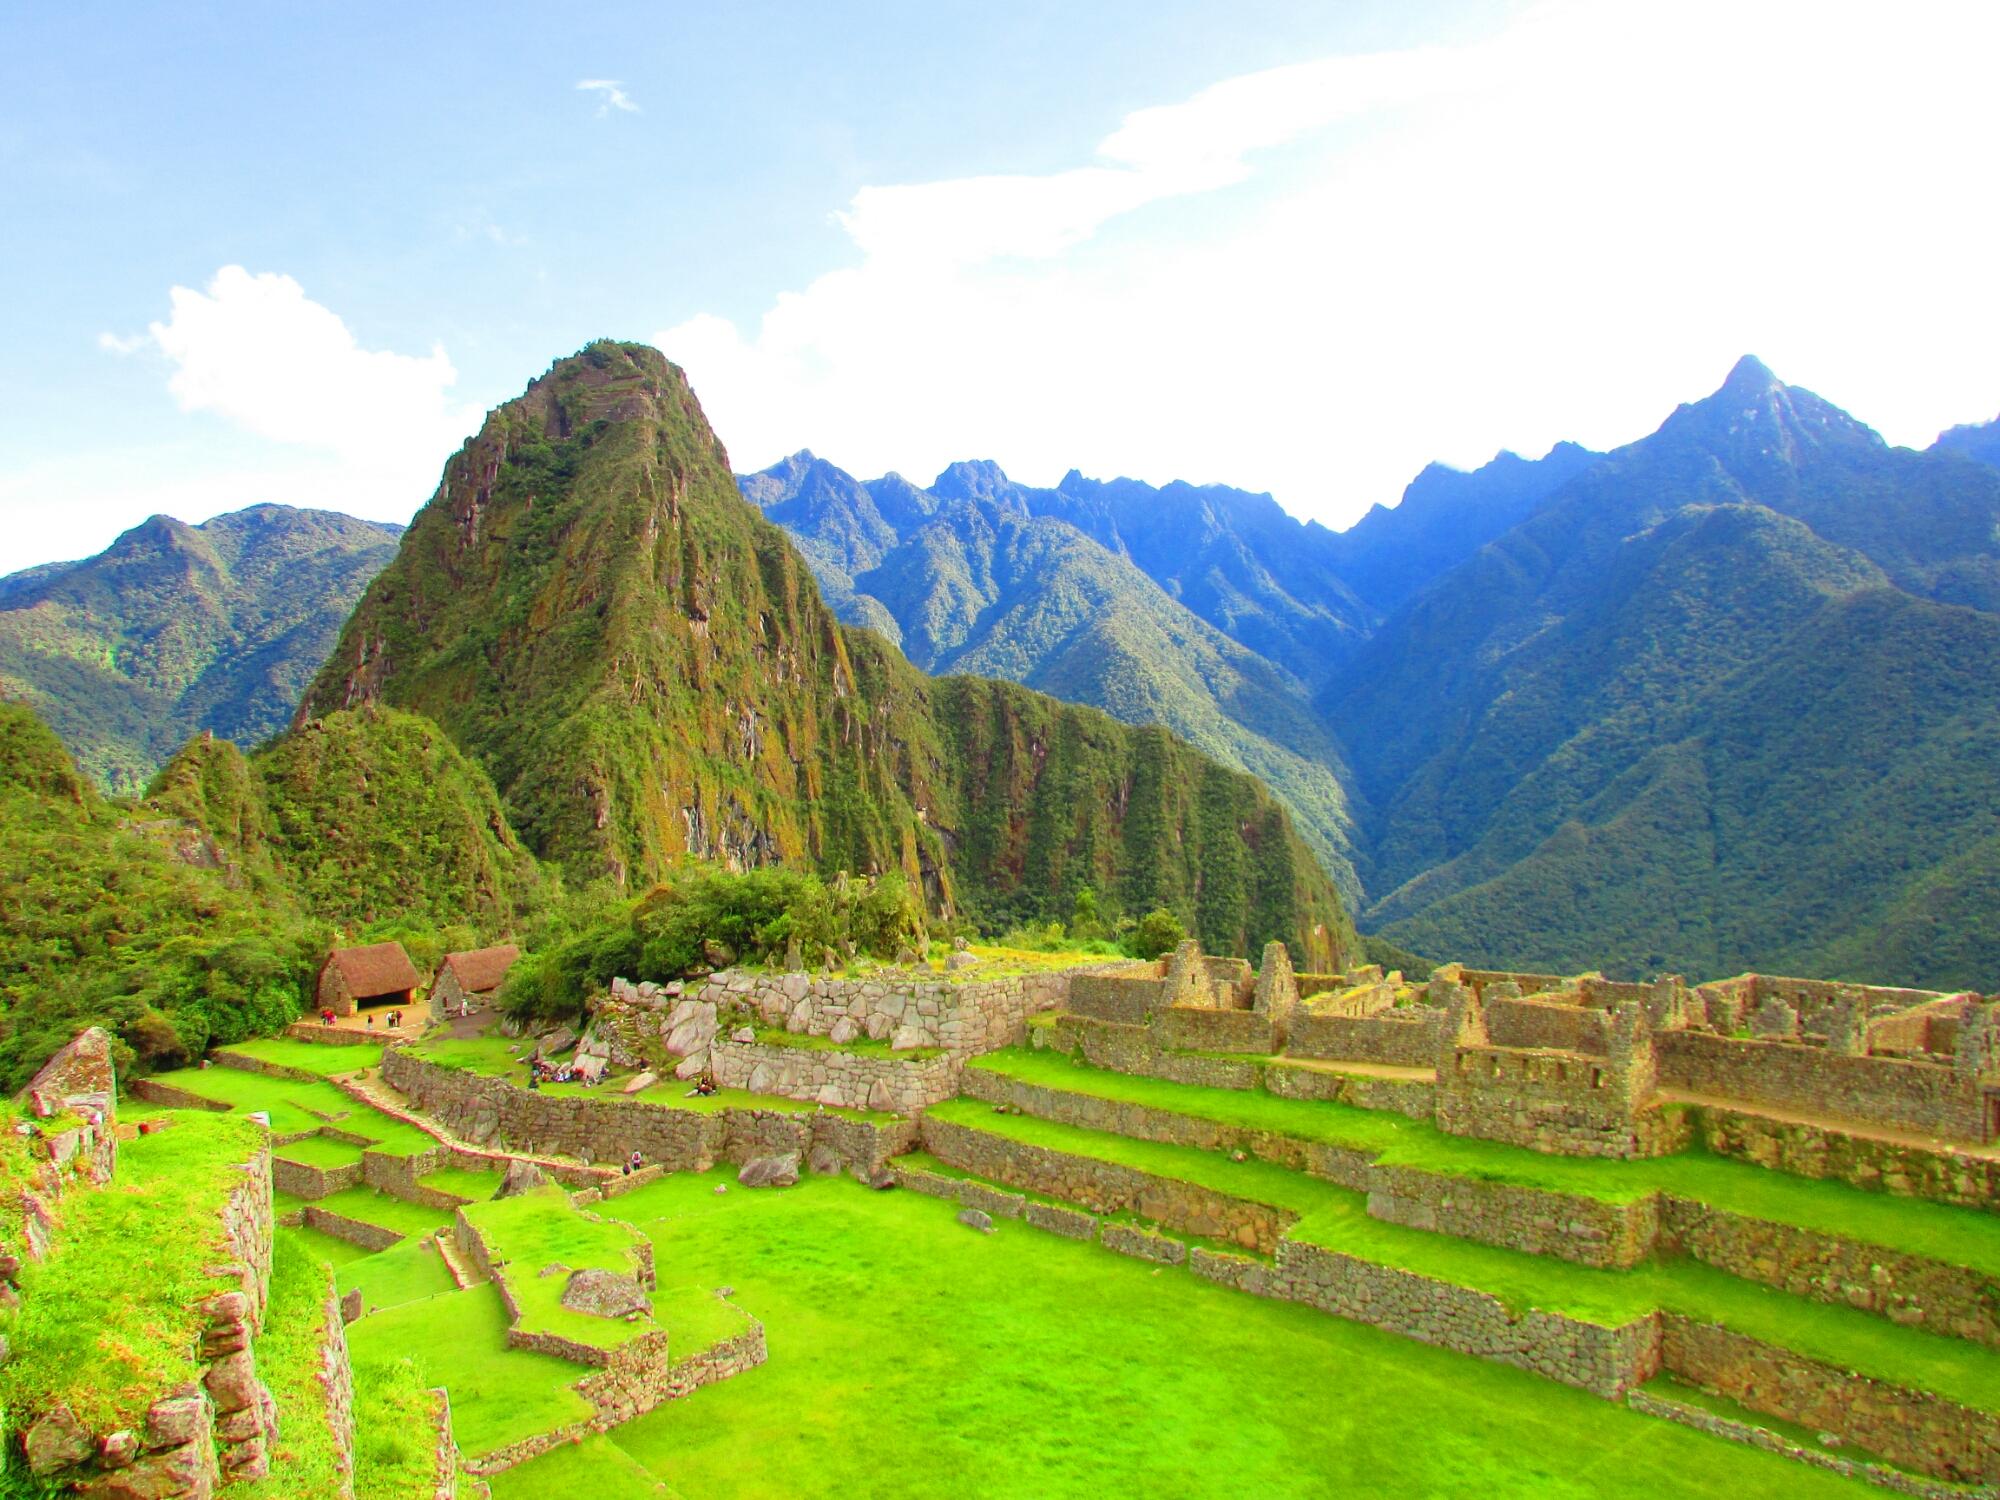 terrazas de cultivo de Machu Picchu en Cuzco